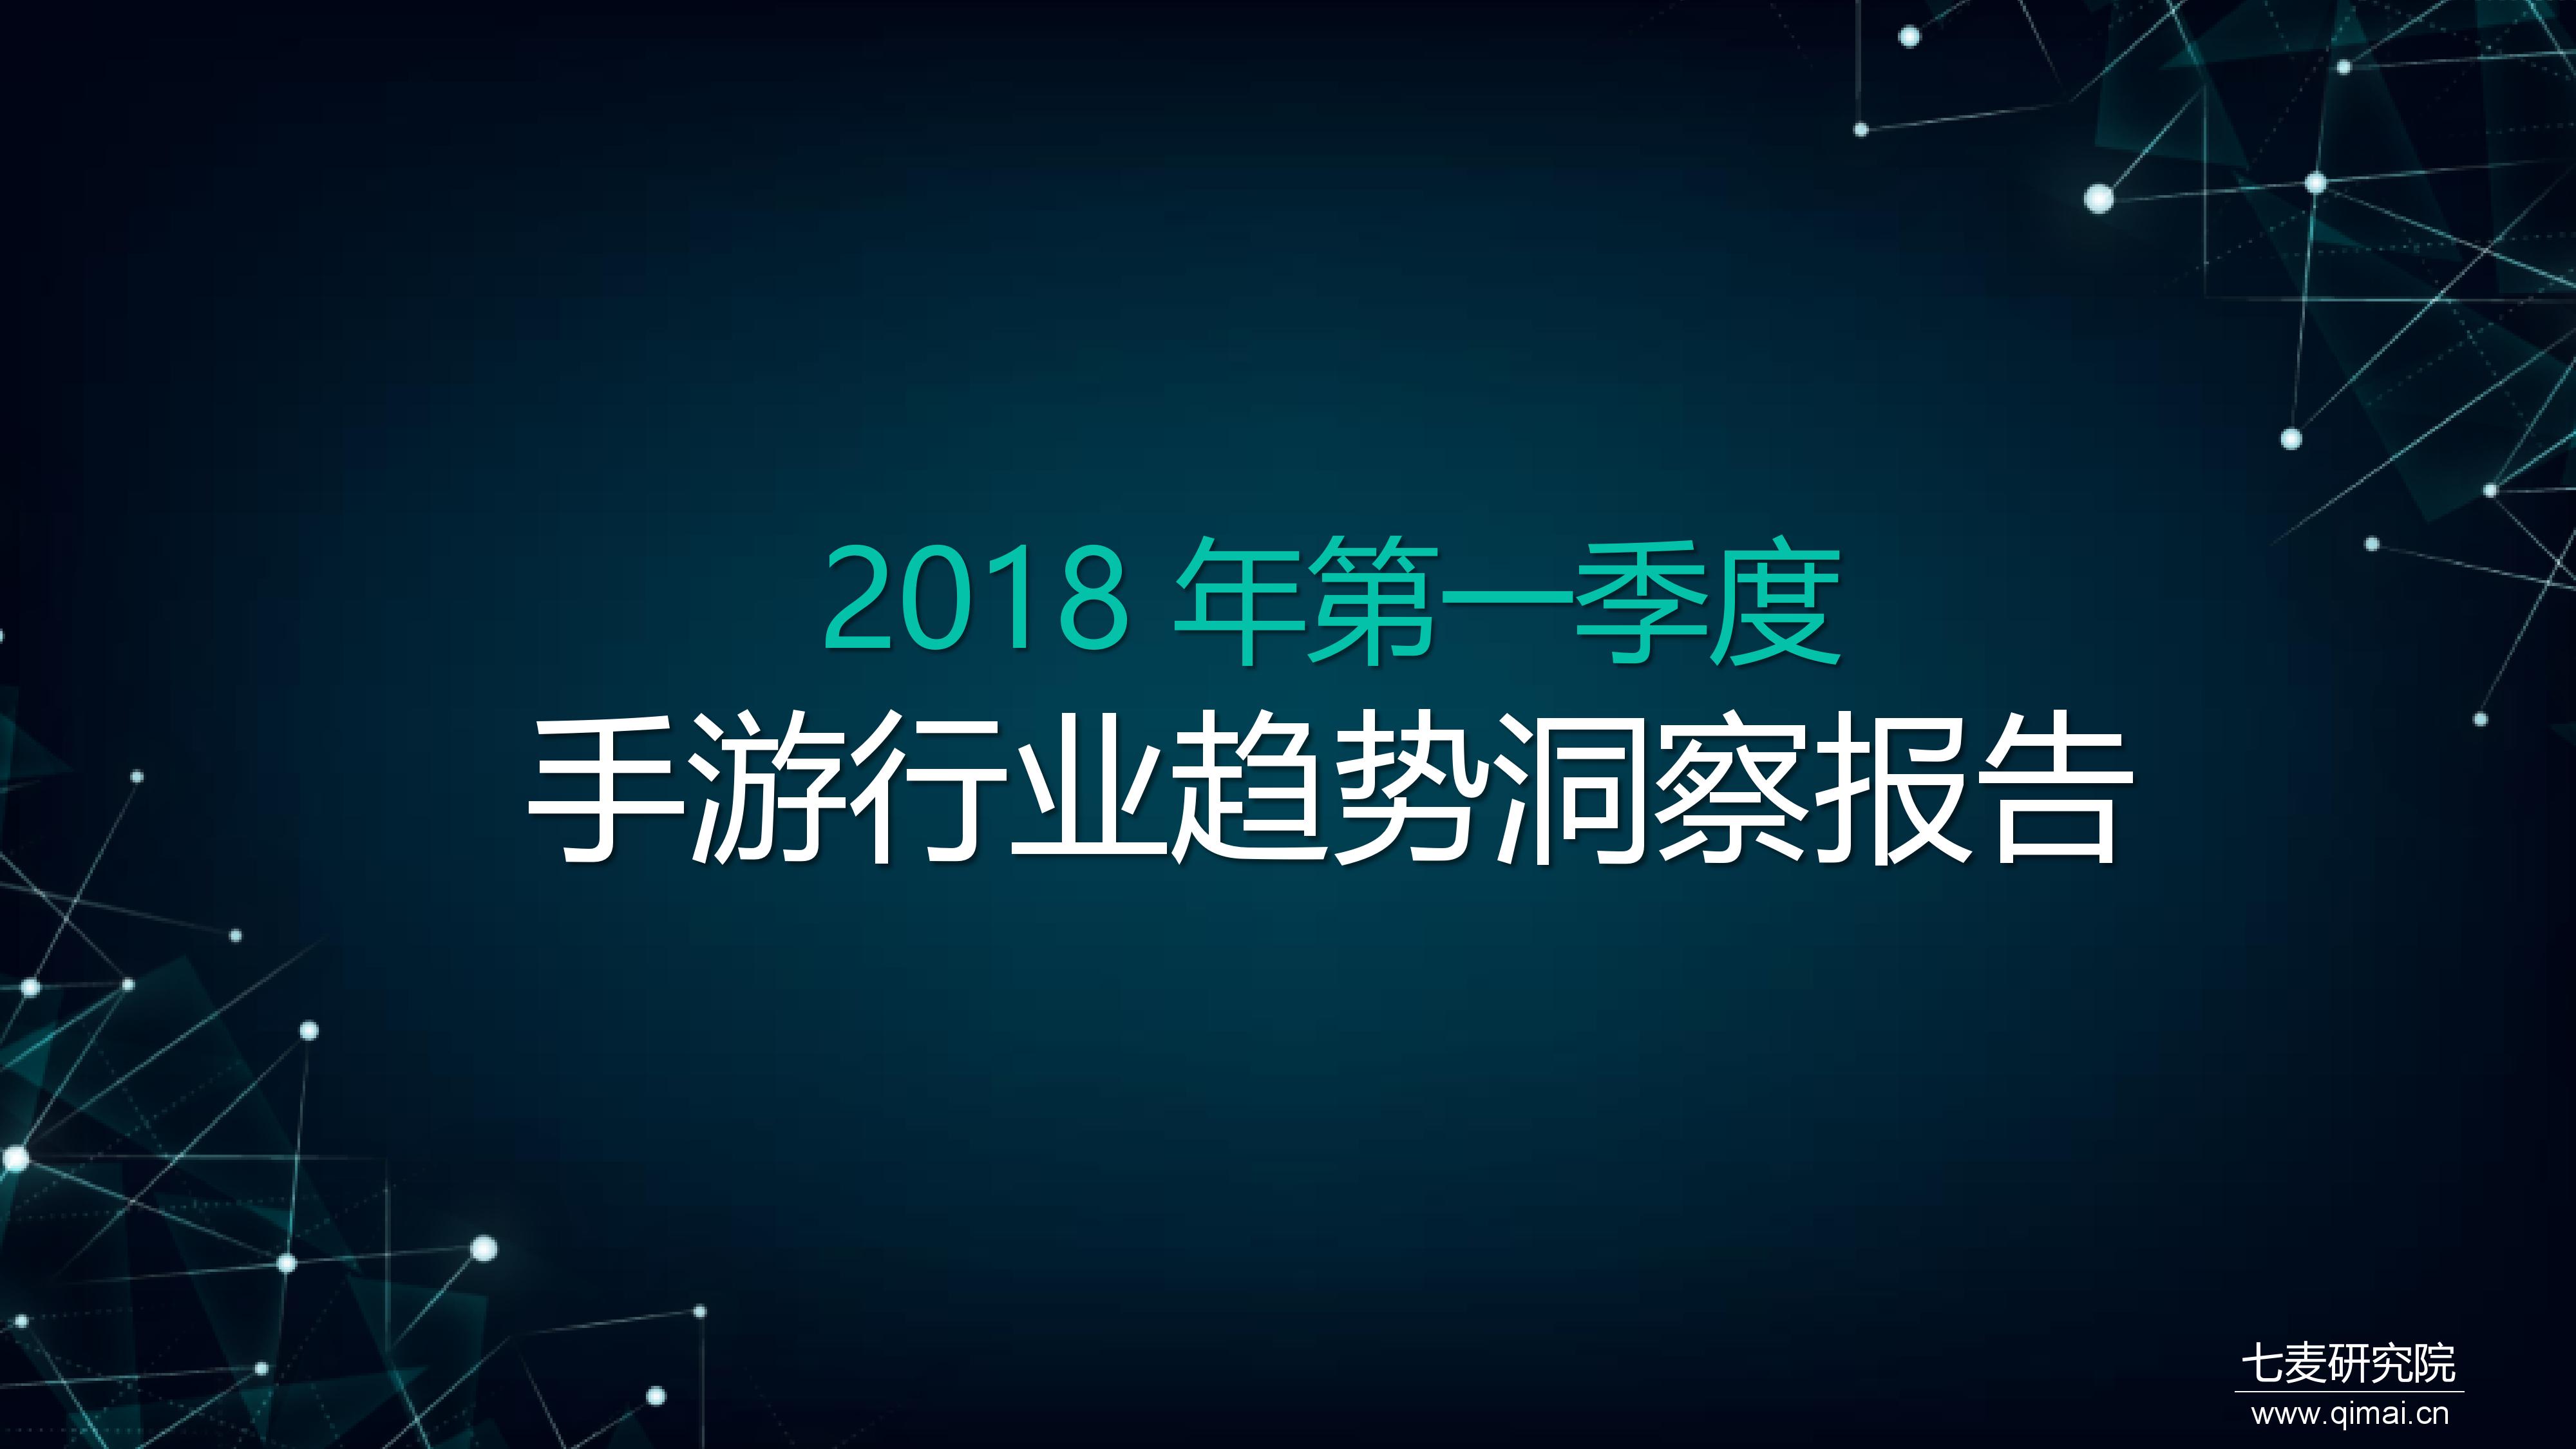 七麦数据:2018年Q1手游行业趋势洞察报告(附下载)